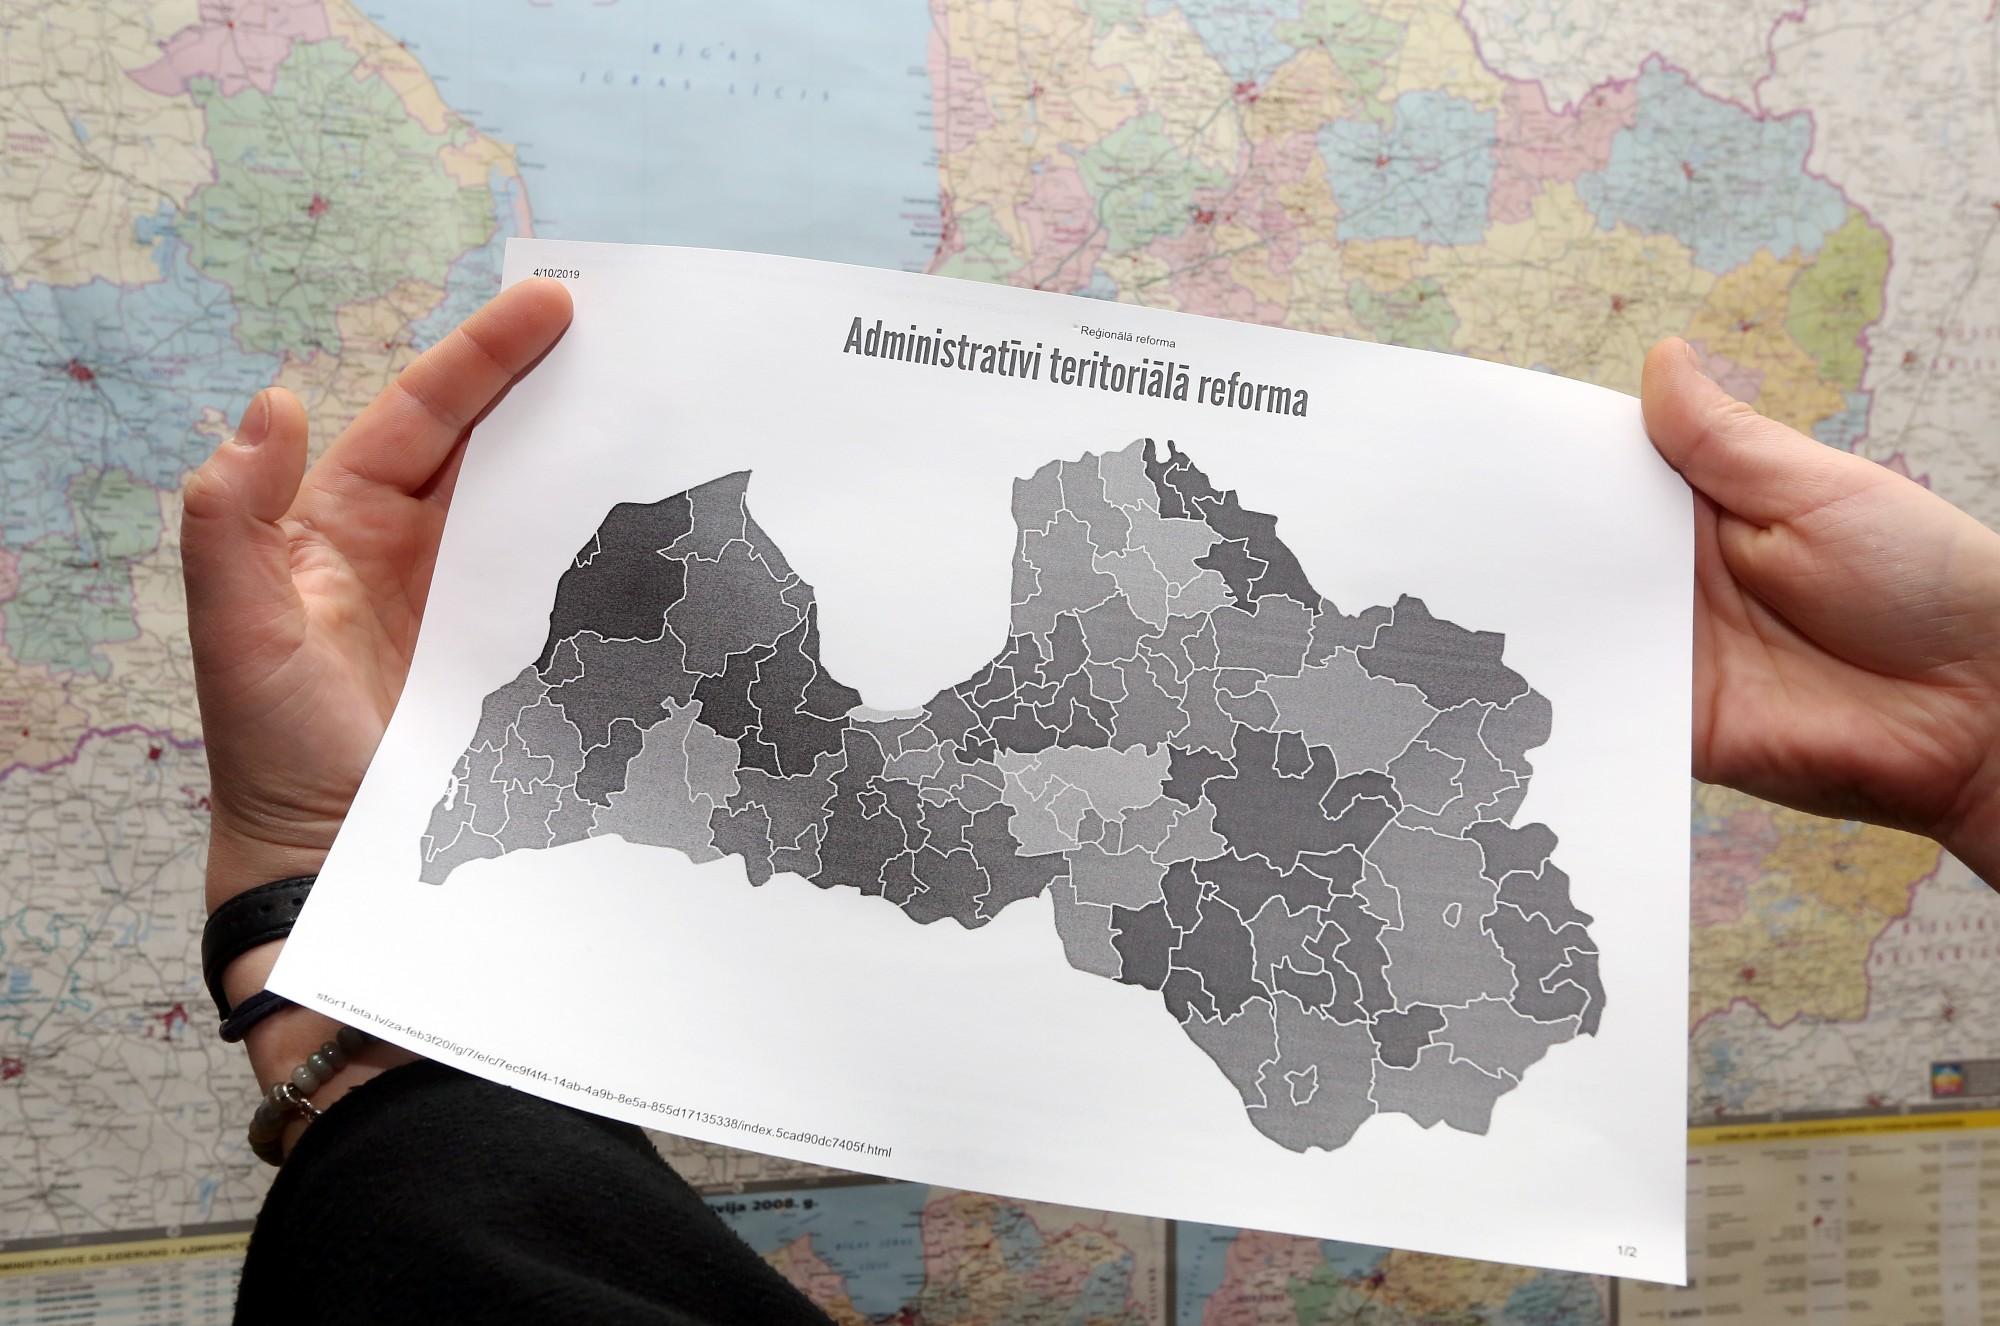 Обновлено — МОСРР предложит правительству карту с 36 самоуправлениями